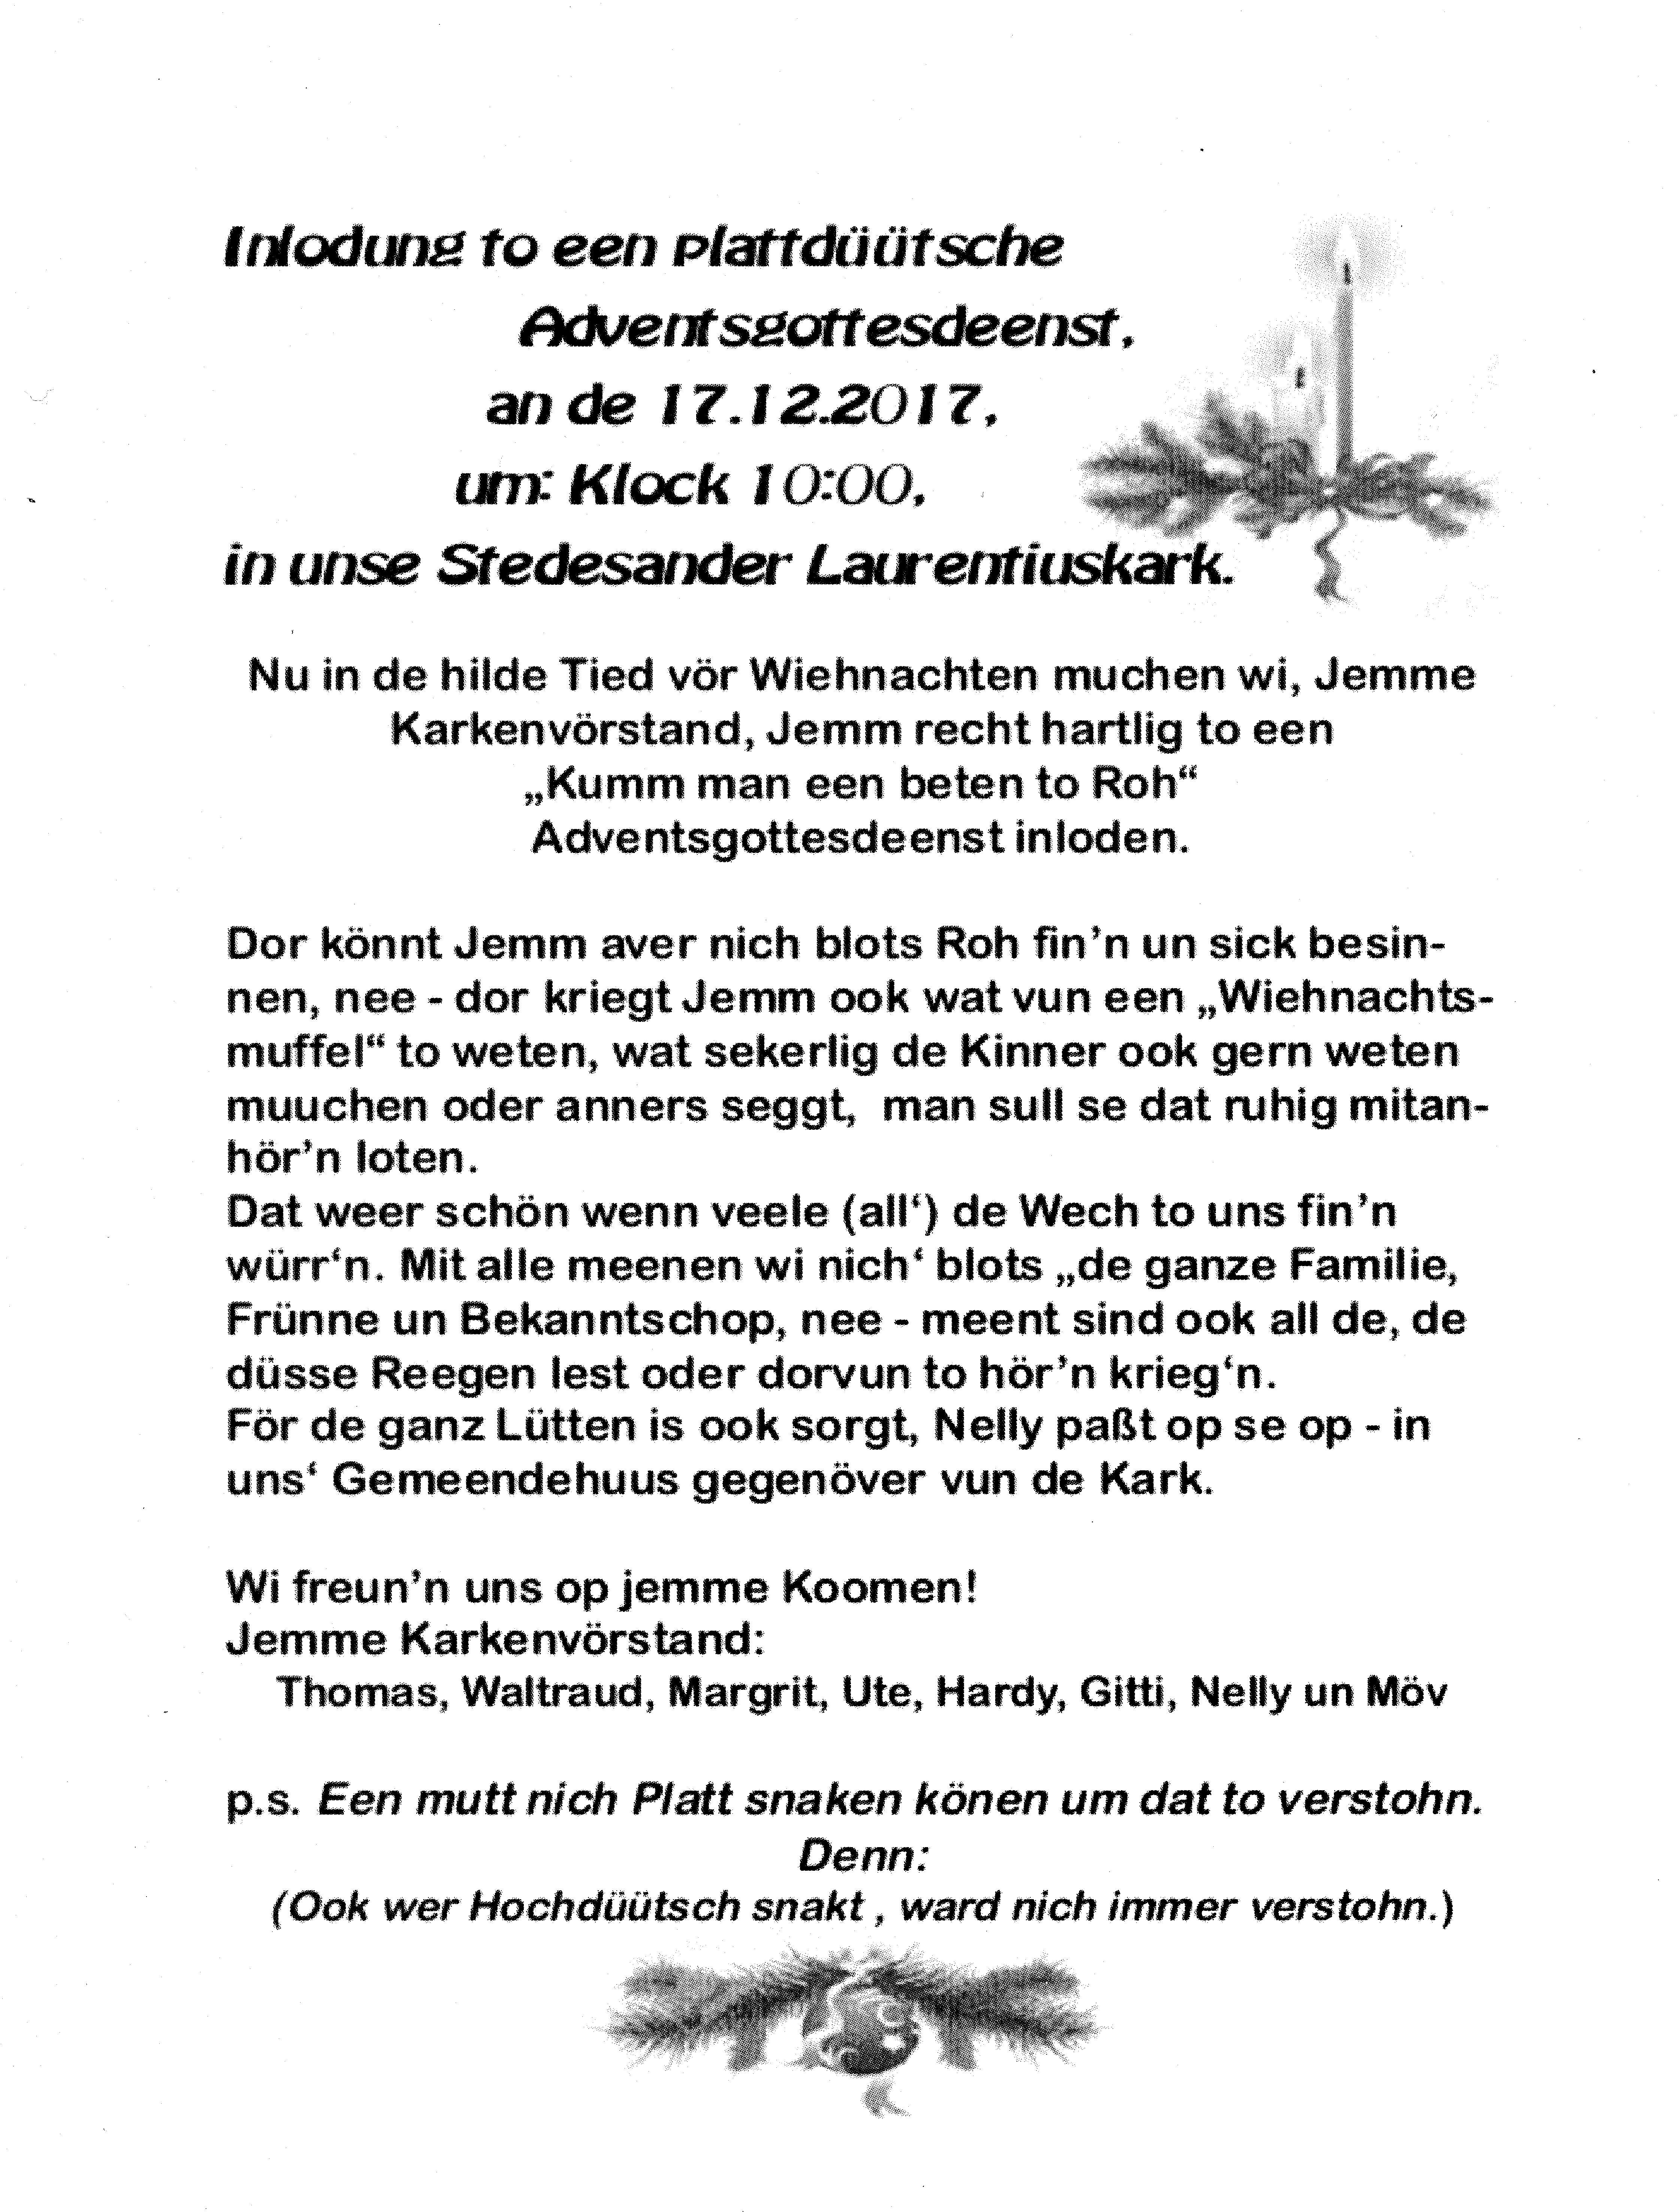 Niedlich Fortsetzen Bereit Um Zu Verlagern Zeitgenössisch - Entry ...